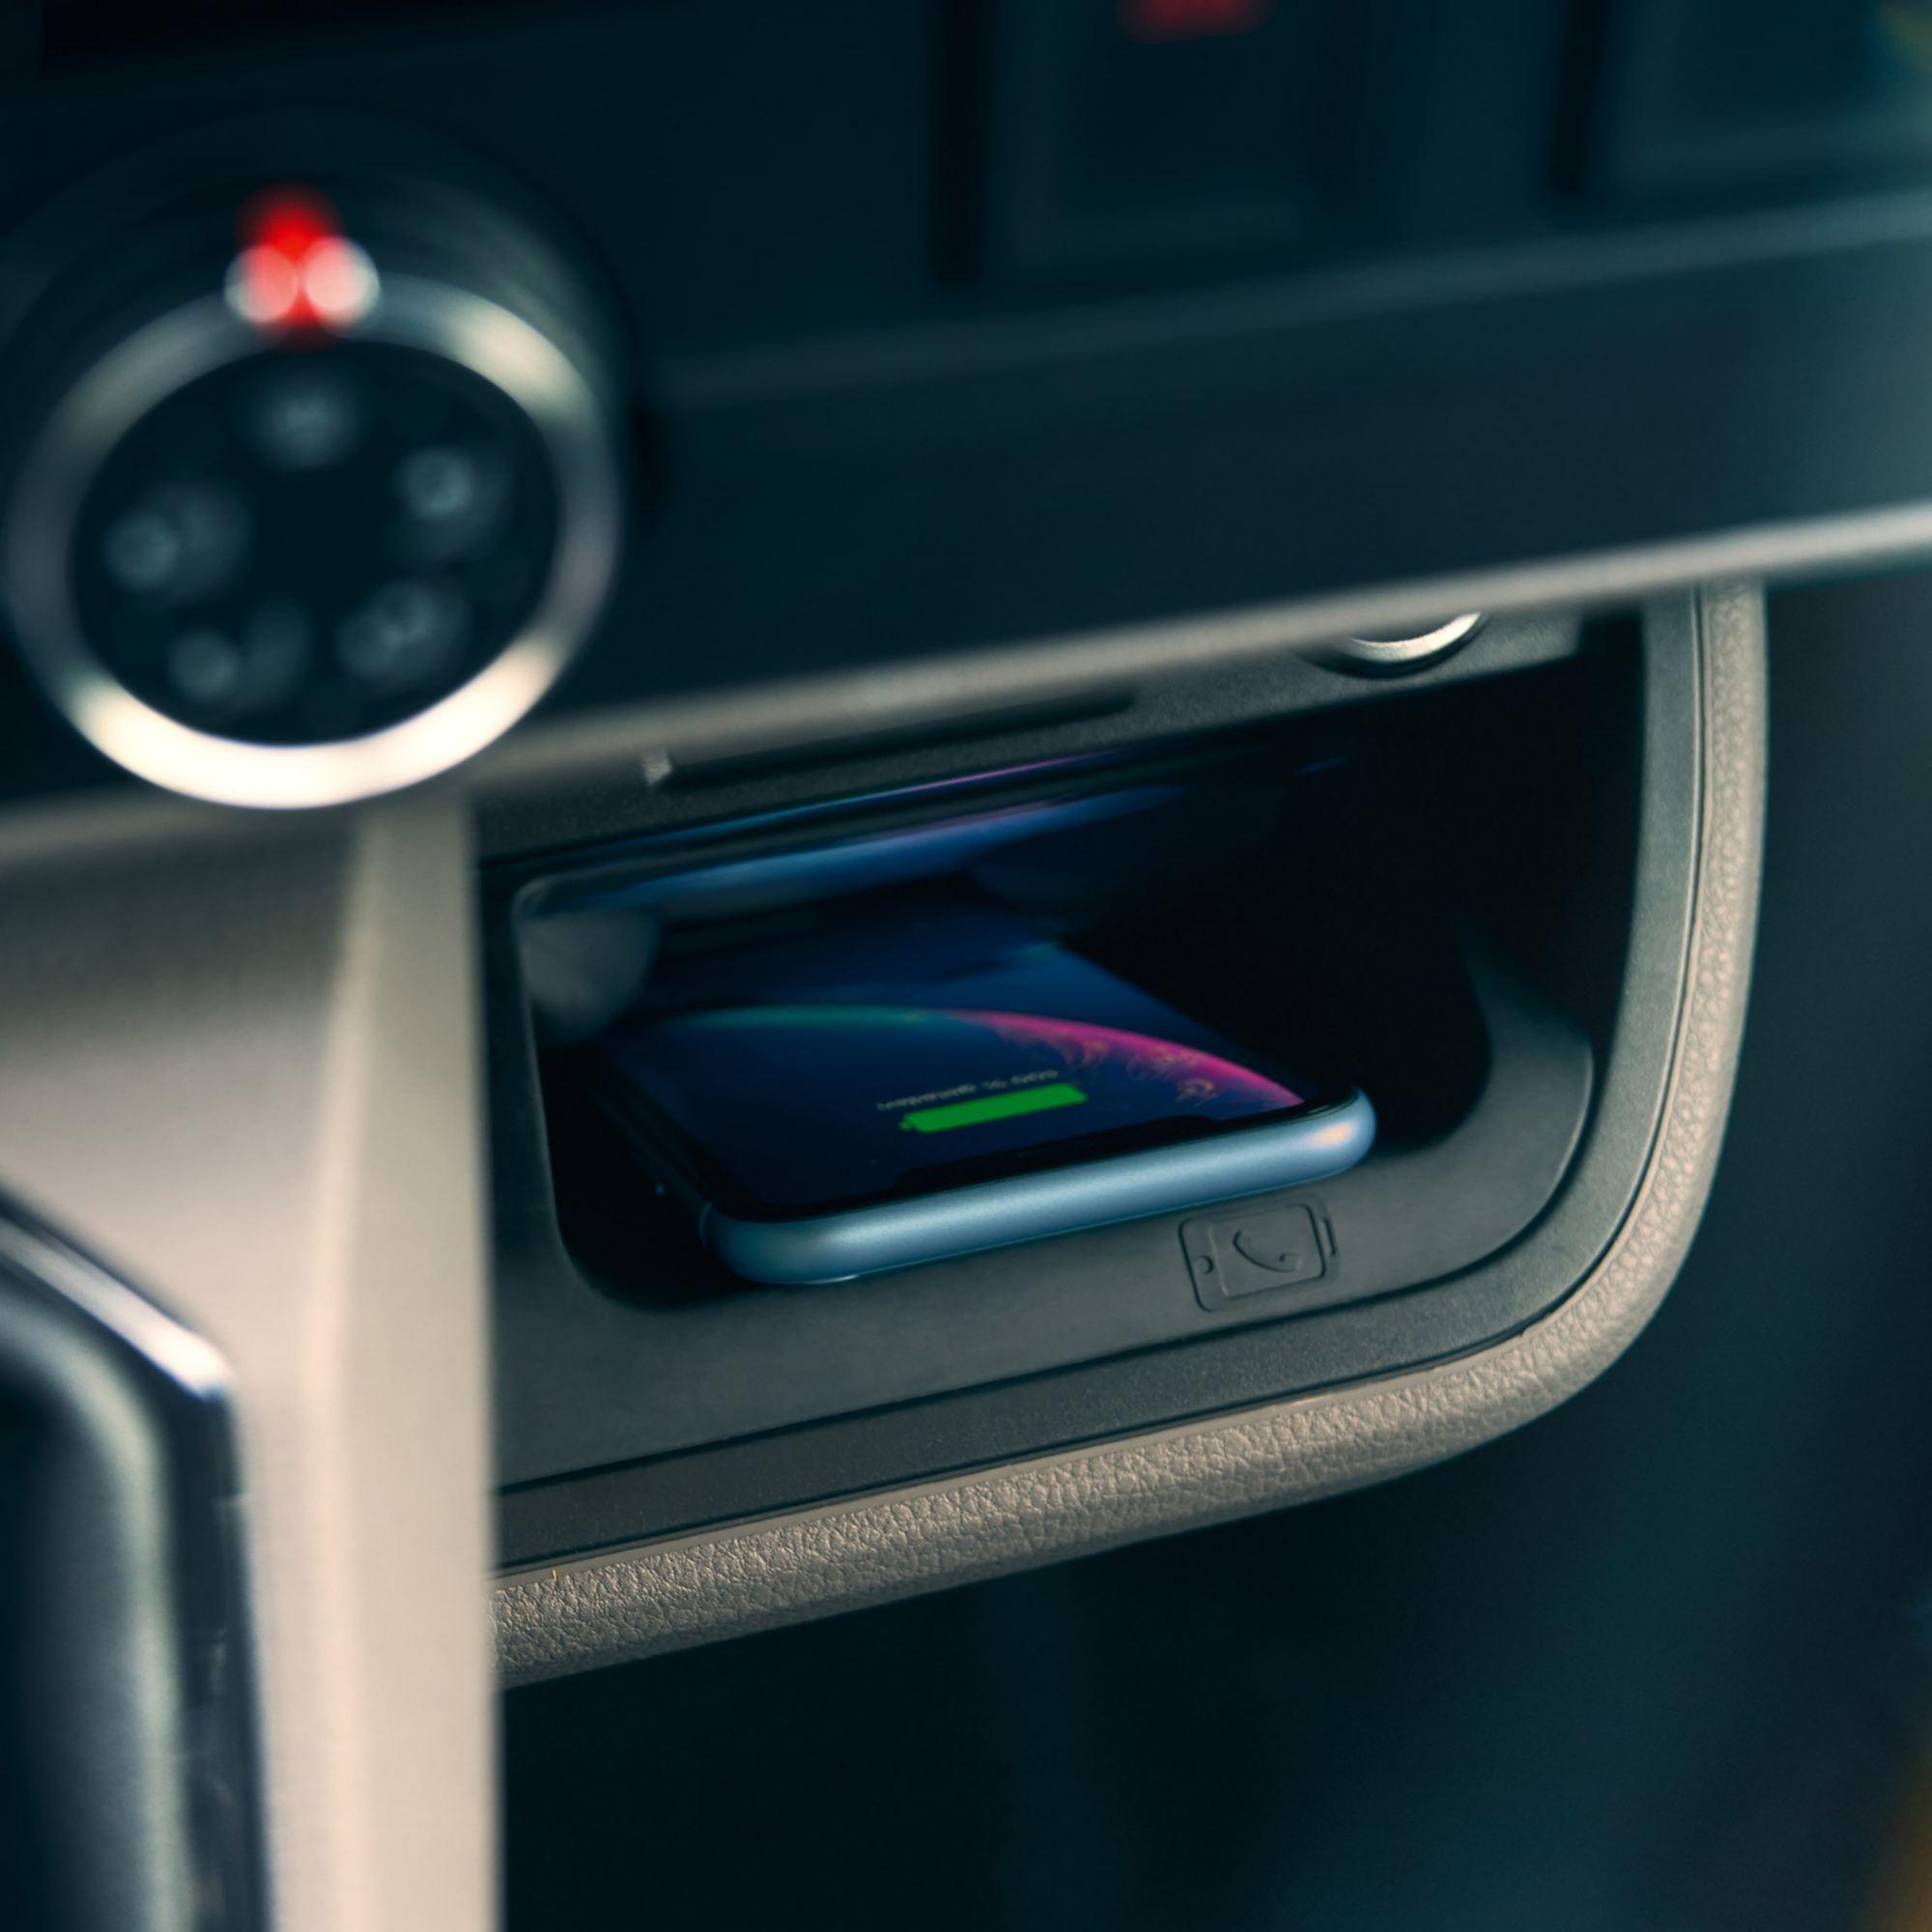 Беспроводная зарядка в Volkswagen Transporter T6.1